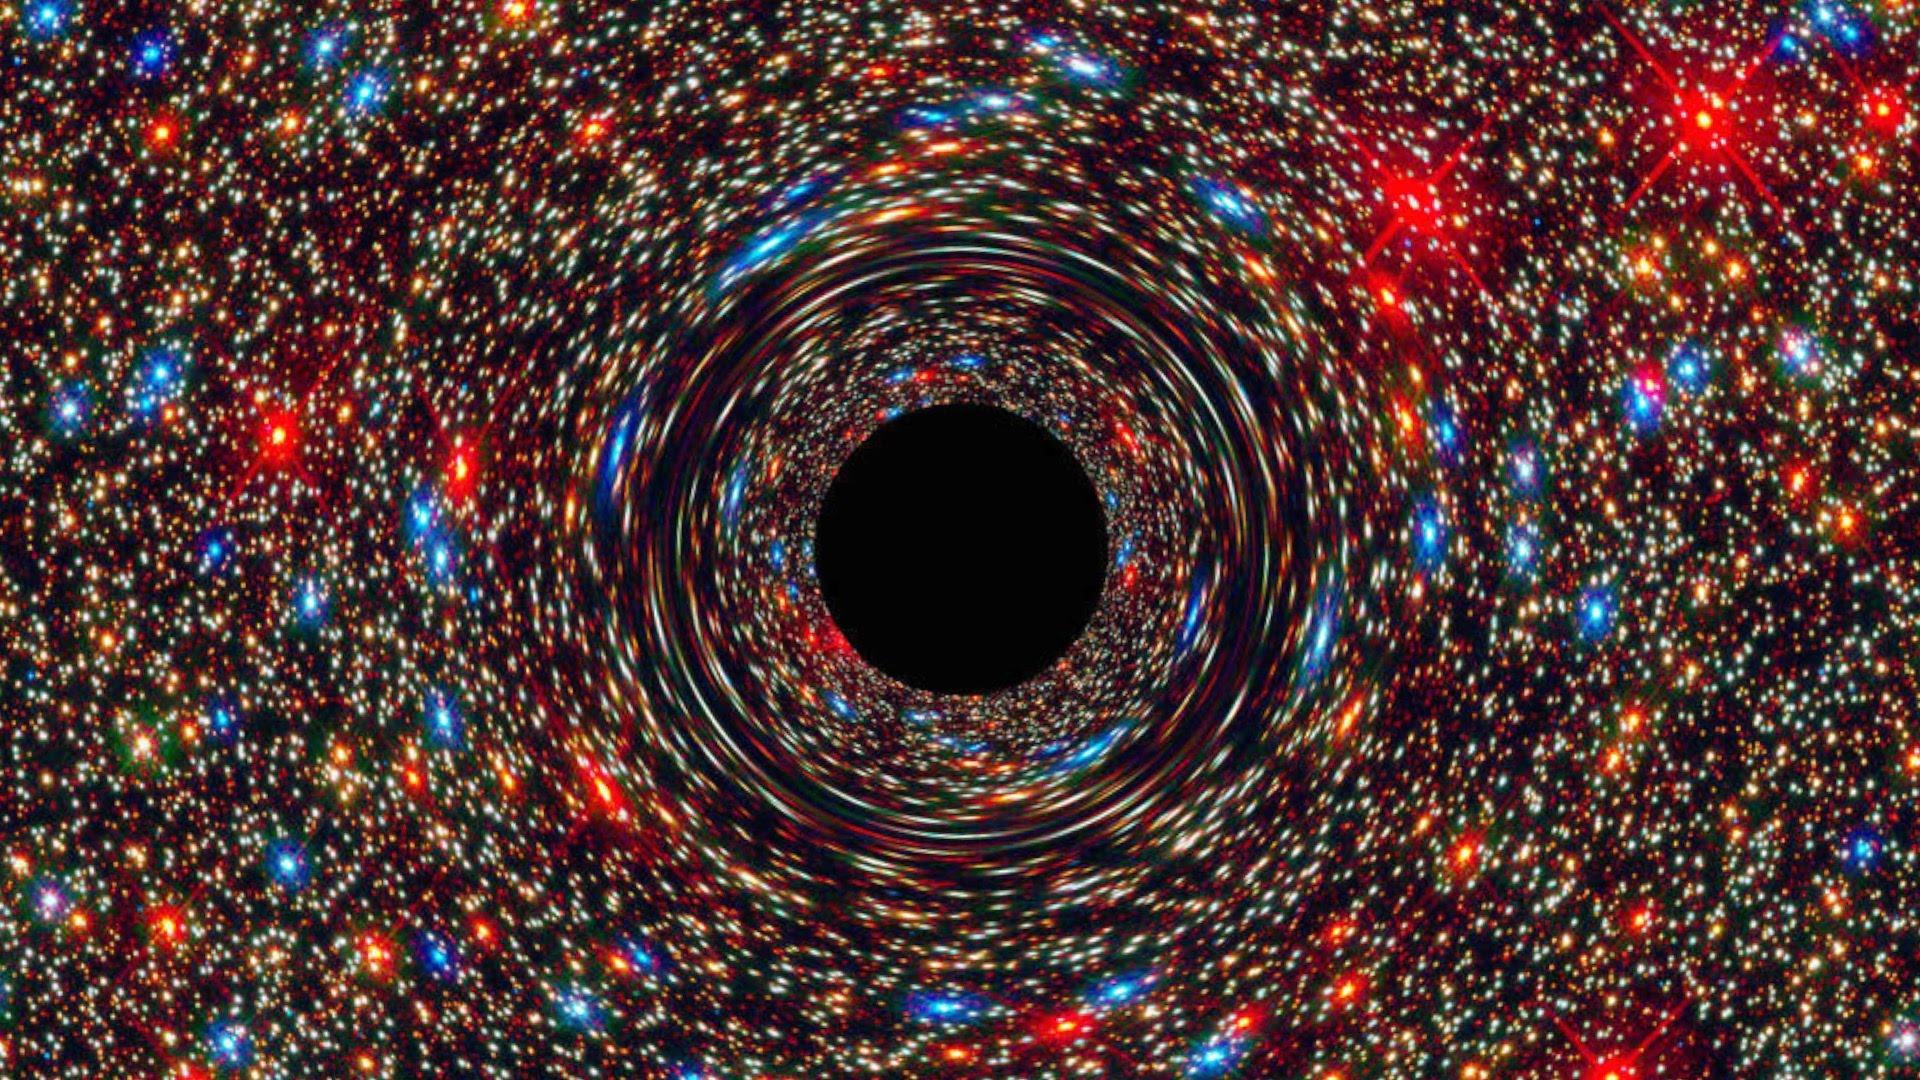 NGC 1600 - Black Hole